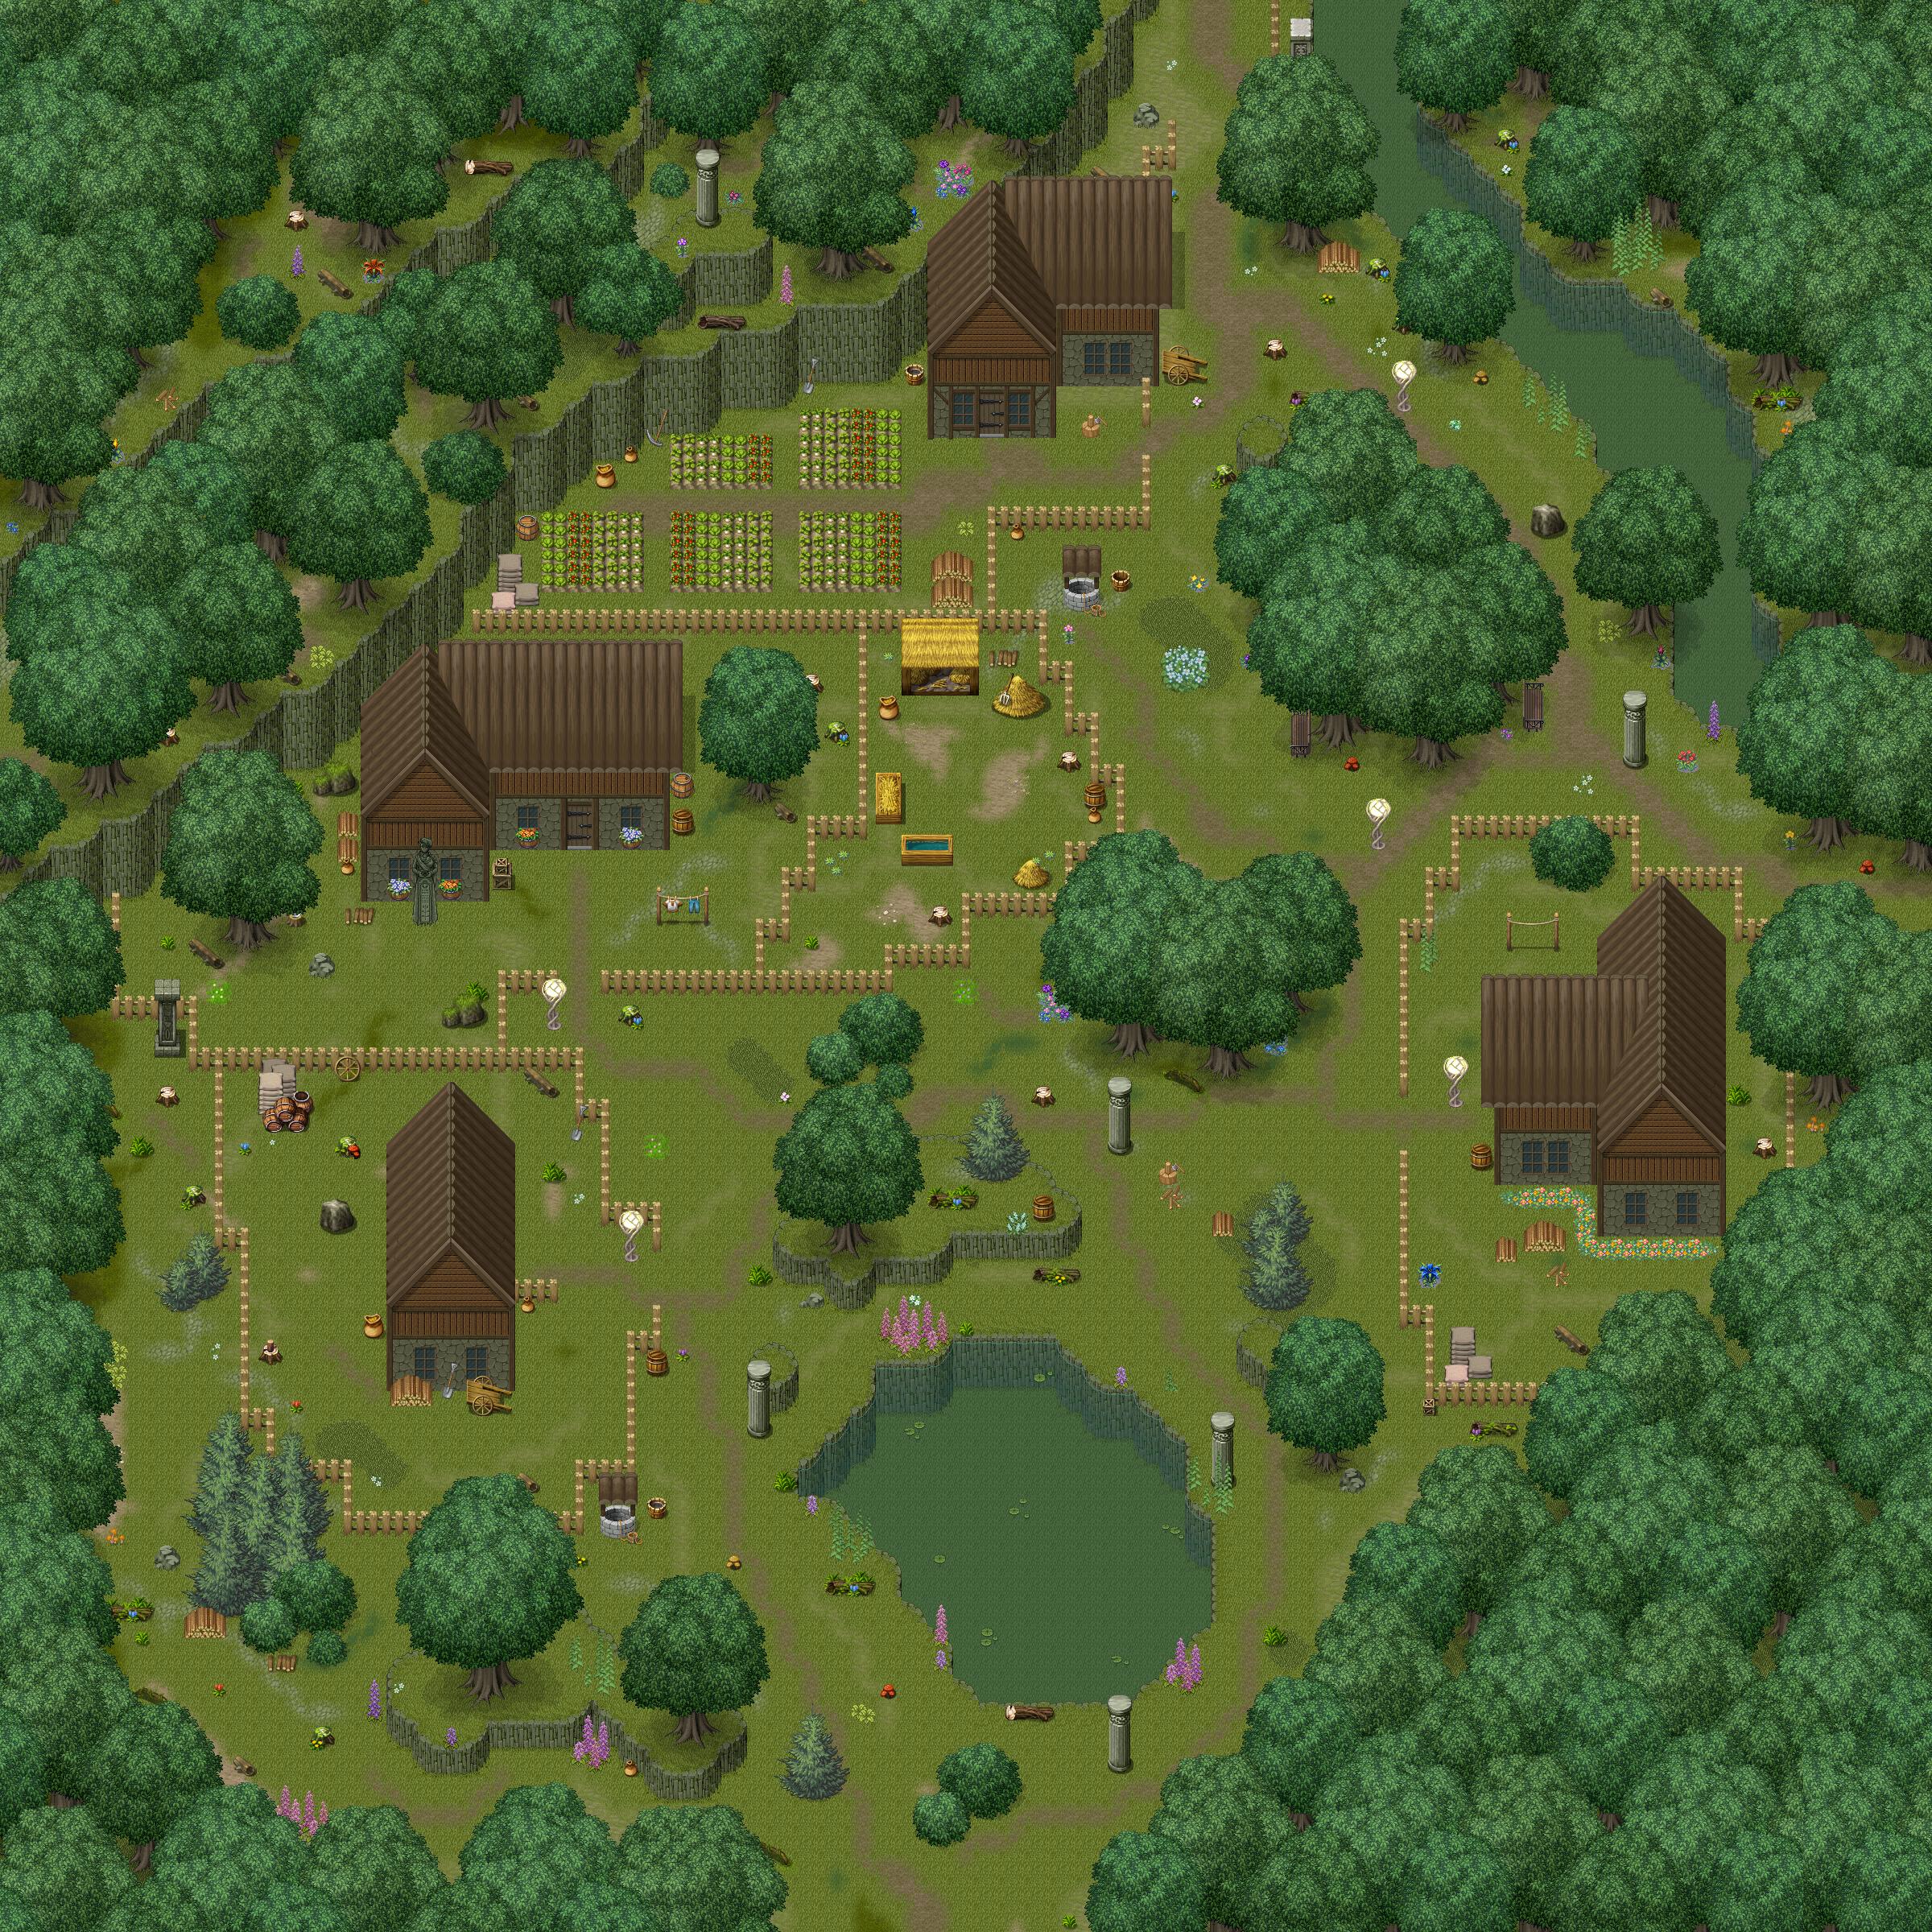 Mountain Town by LovableTroll   Pixel art landscape, Rpg